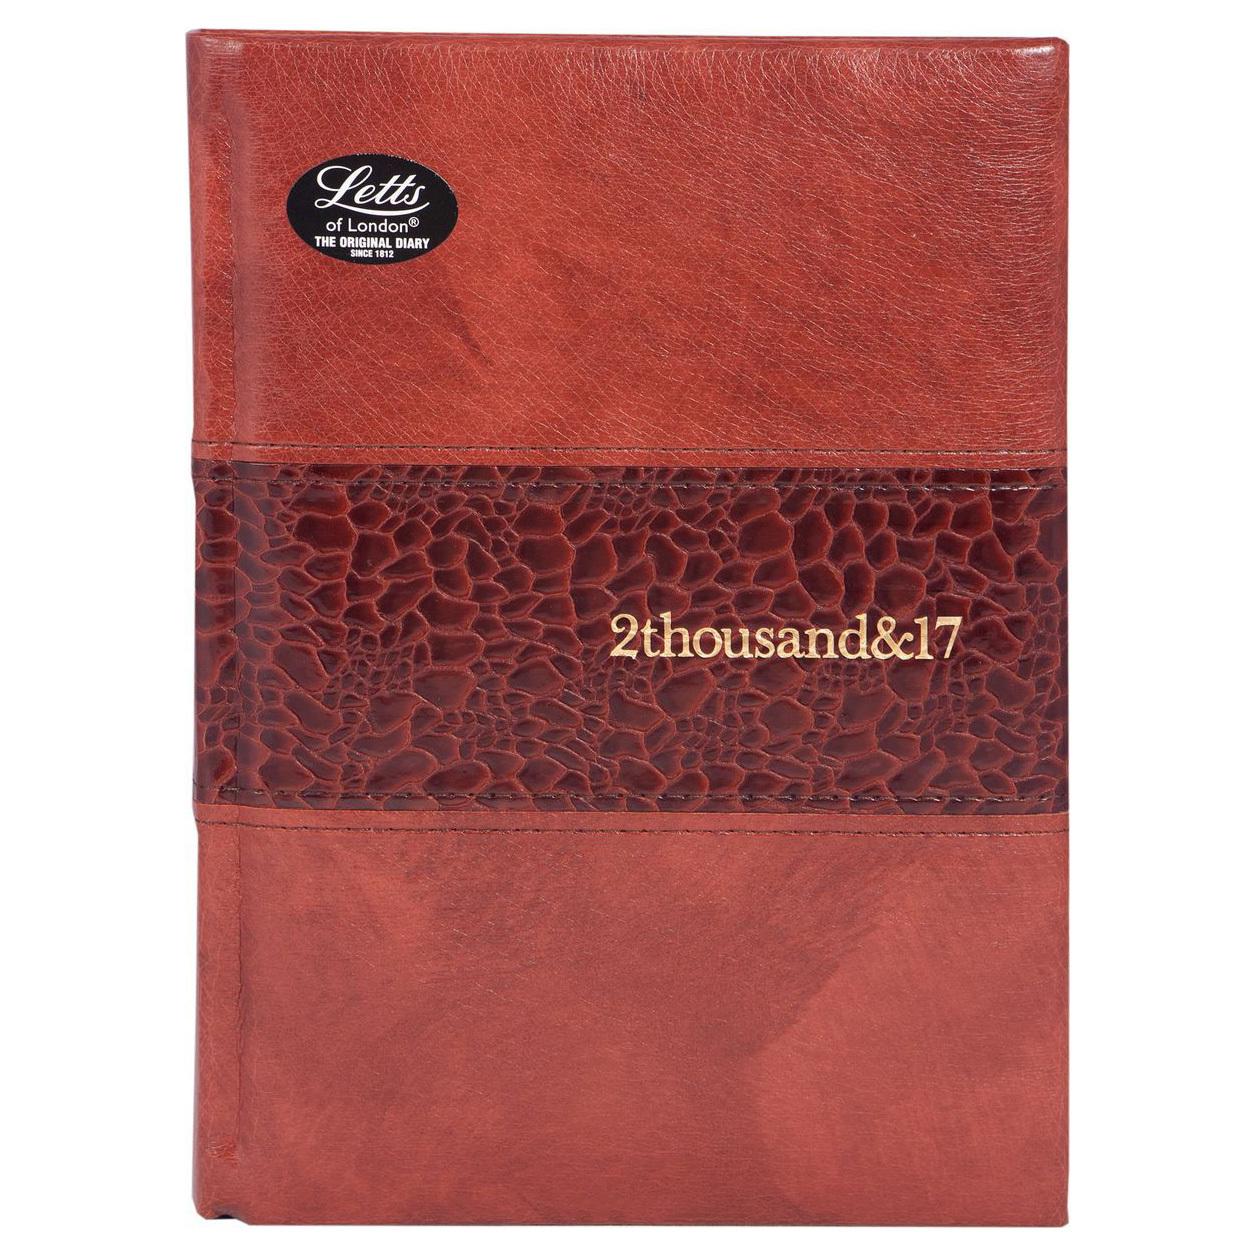 Ежедневник Letts Manhattan 2017, A5 (148 х 210), коричневый, иск.кожа, срез кремовый 822973